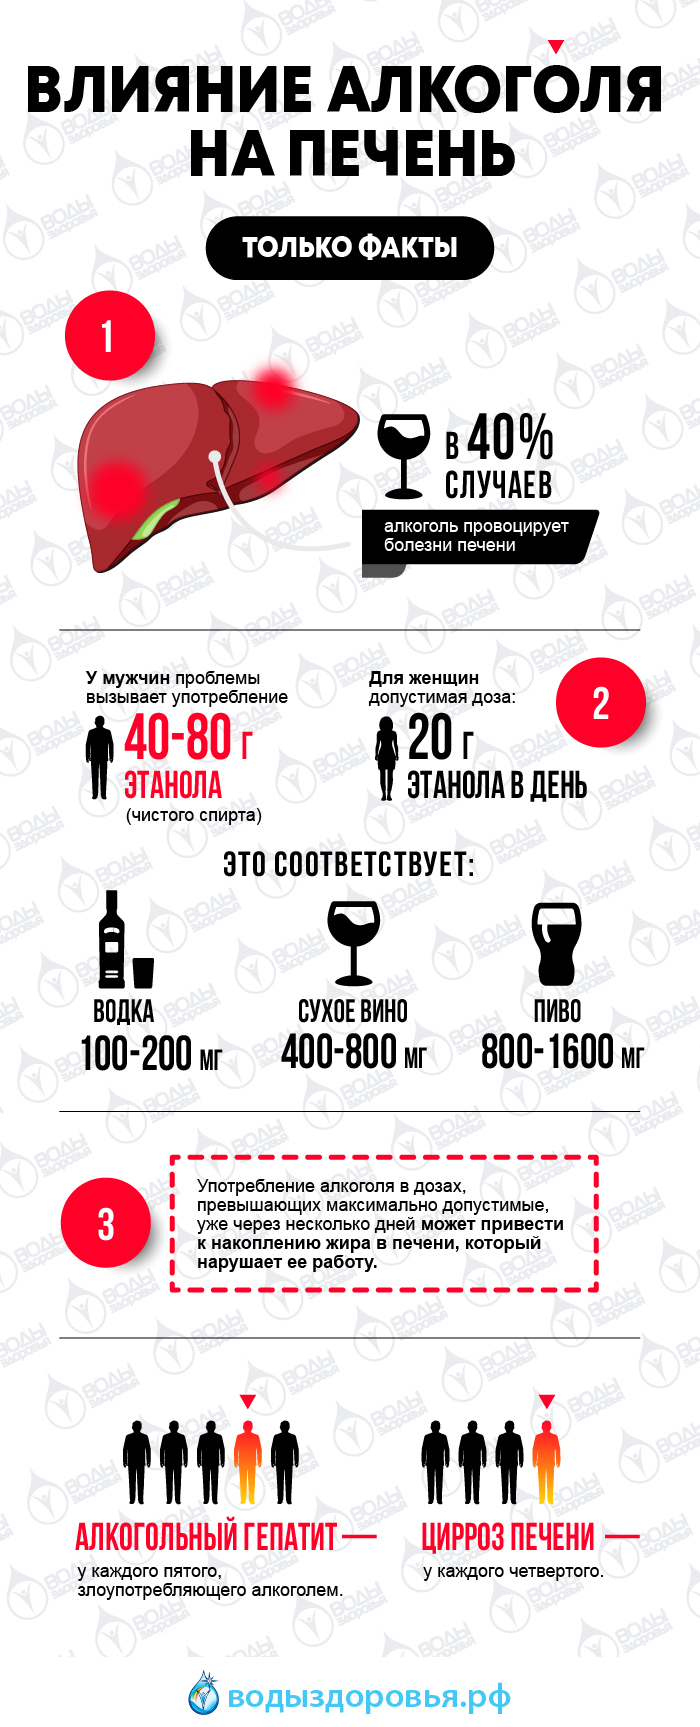 Исключение алкогольных напитков при гепатите С